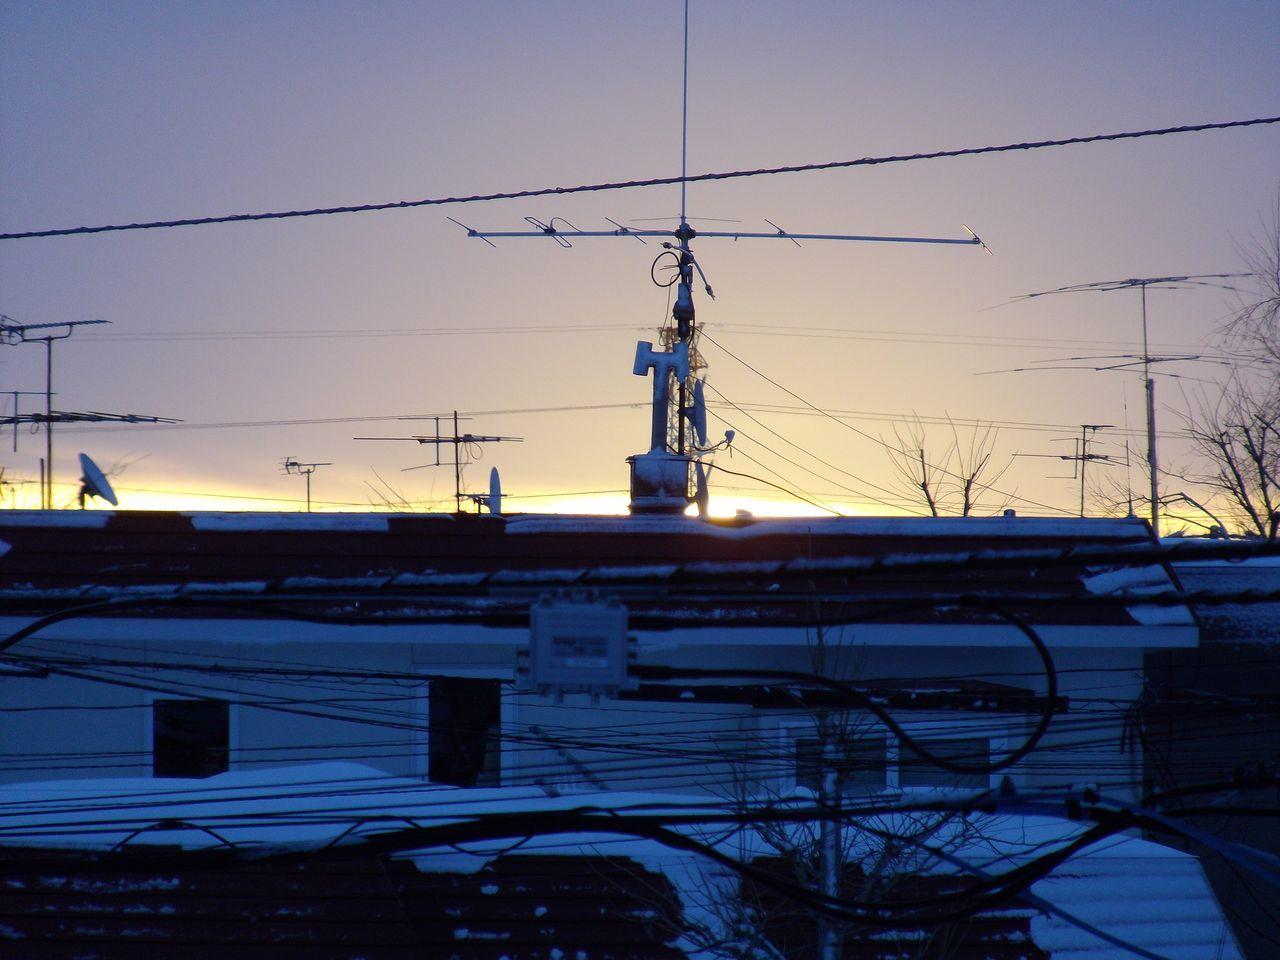 日の出の瞬間だけの太陽観察_c0025115_20043246.jpg